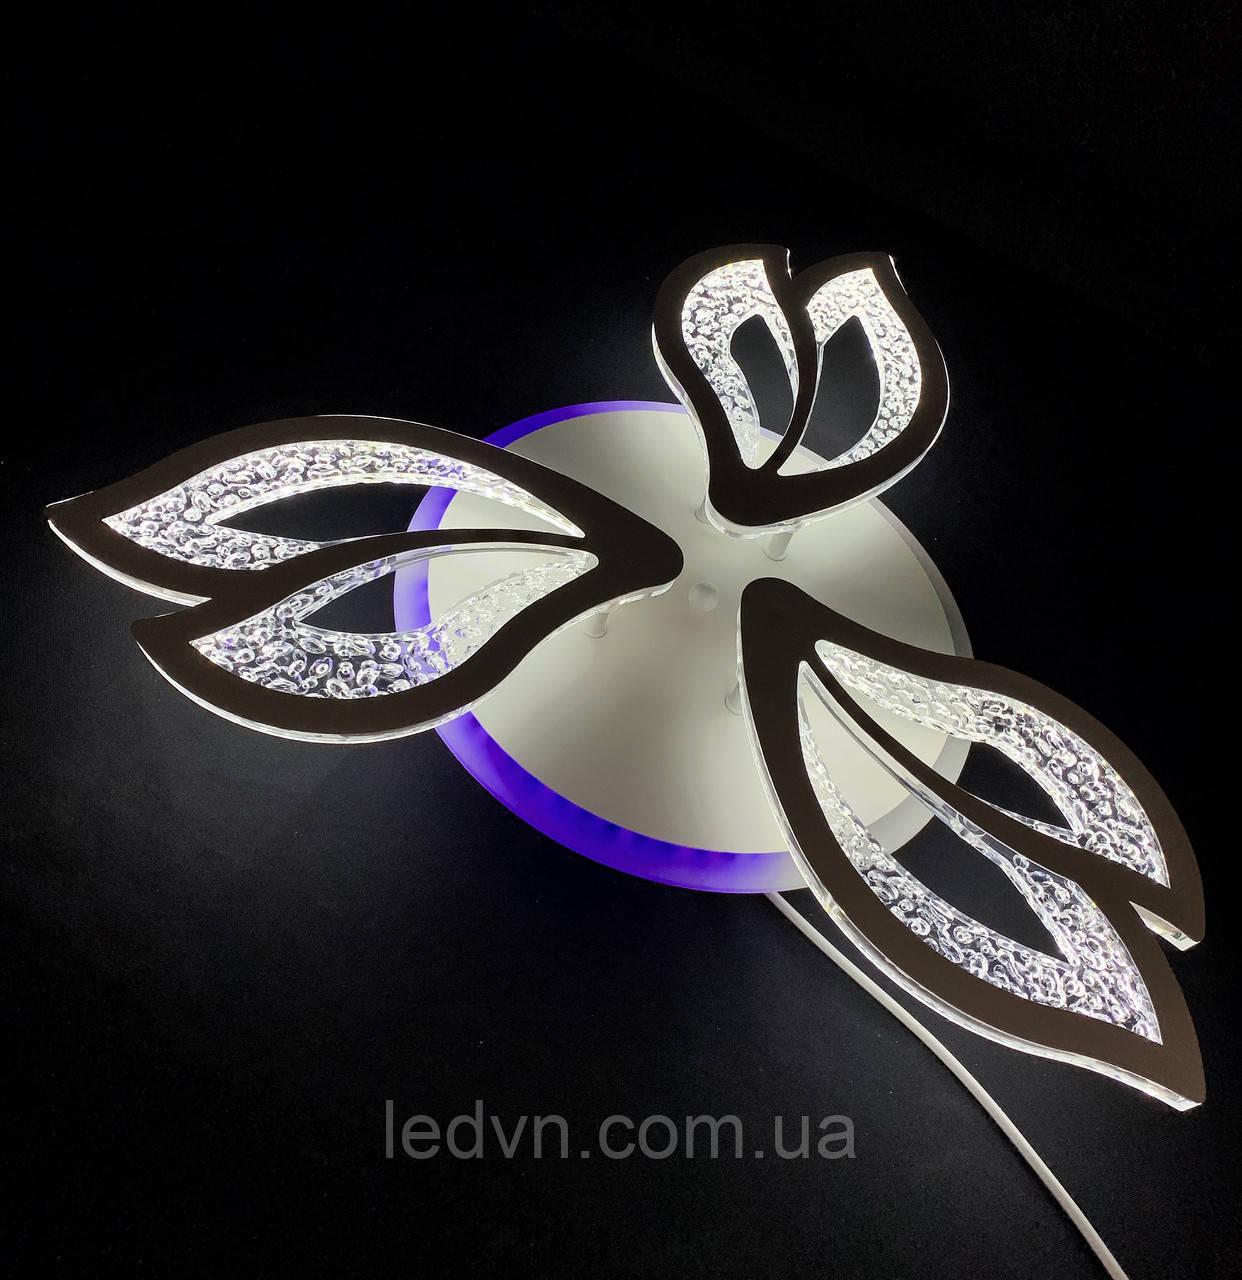 Стельова світлодіодна люстра три пелюстки біла 55 вт